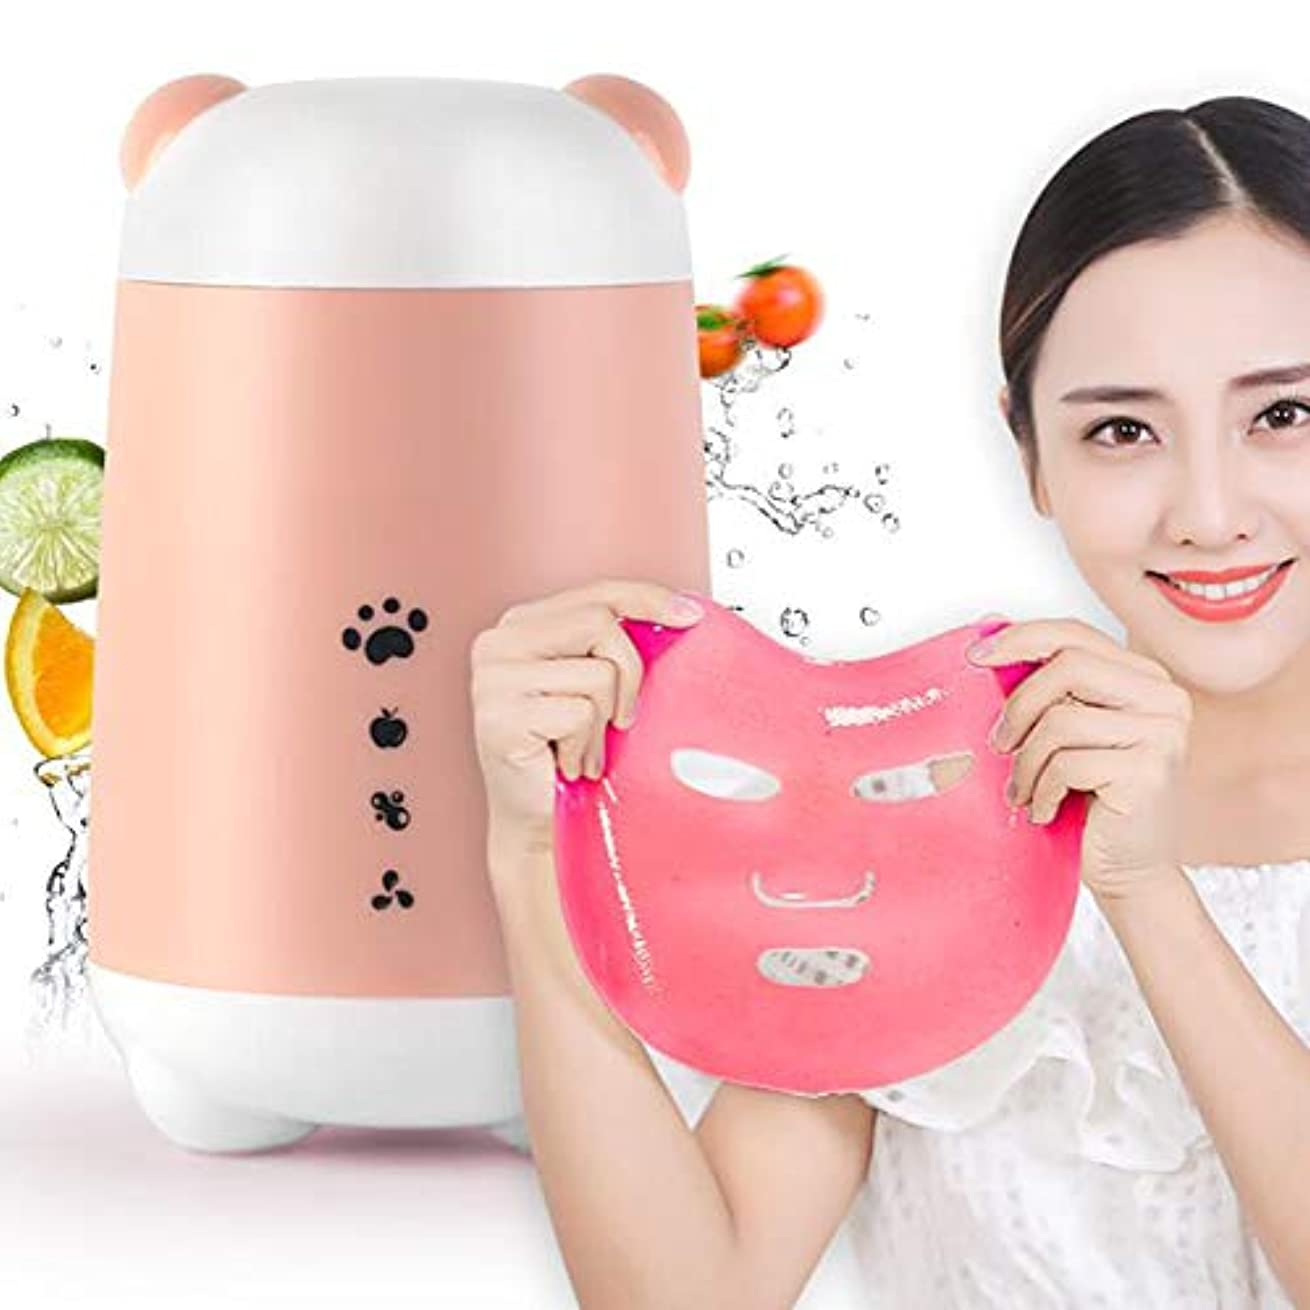 フラップ頼るバレエフルーツと野菜のマスクを作るマシン、顔のスチーマー完全自動音声プロンプトDIY自家製の自然美容機器,Pink